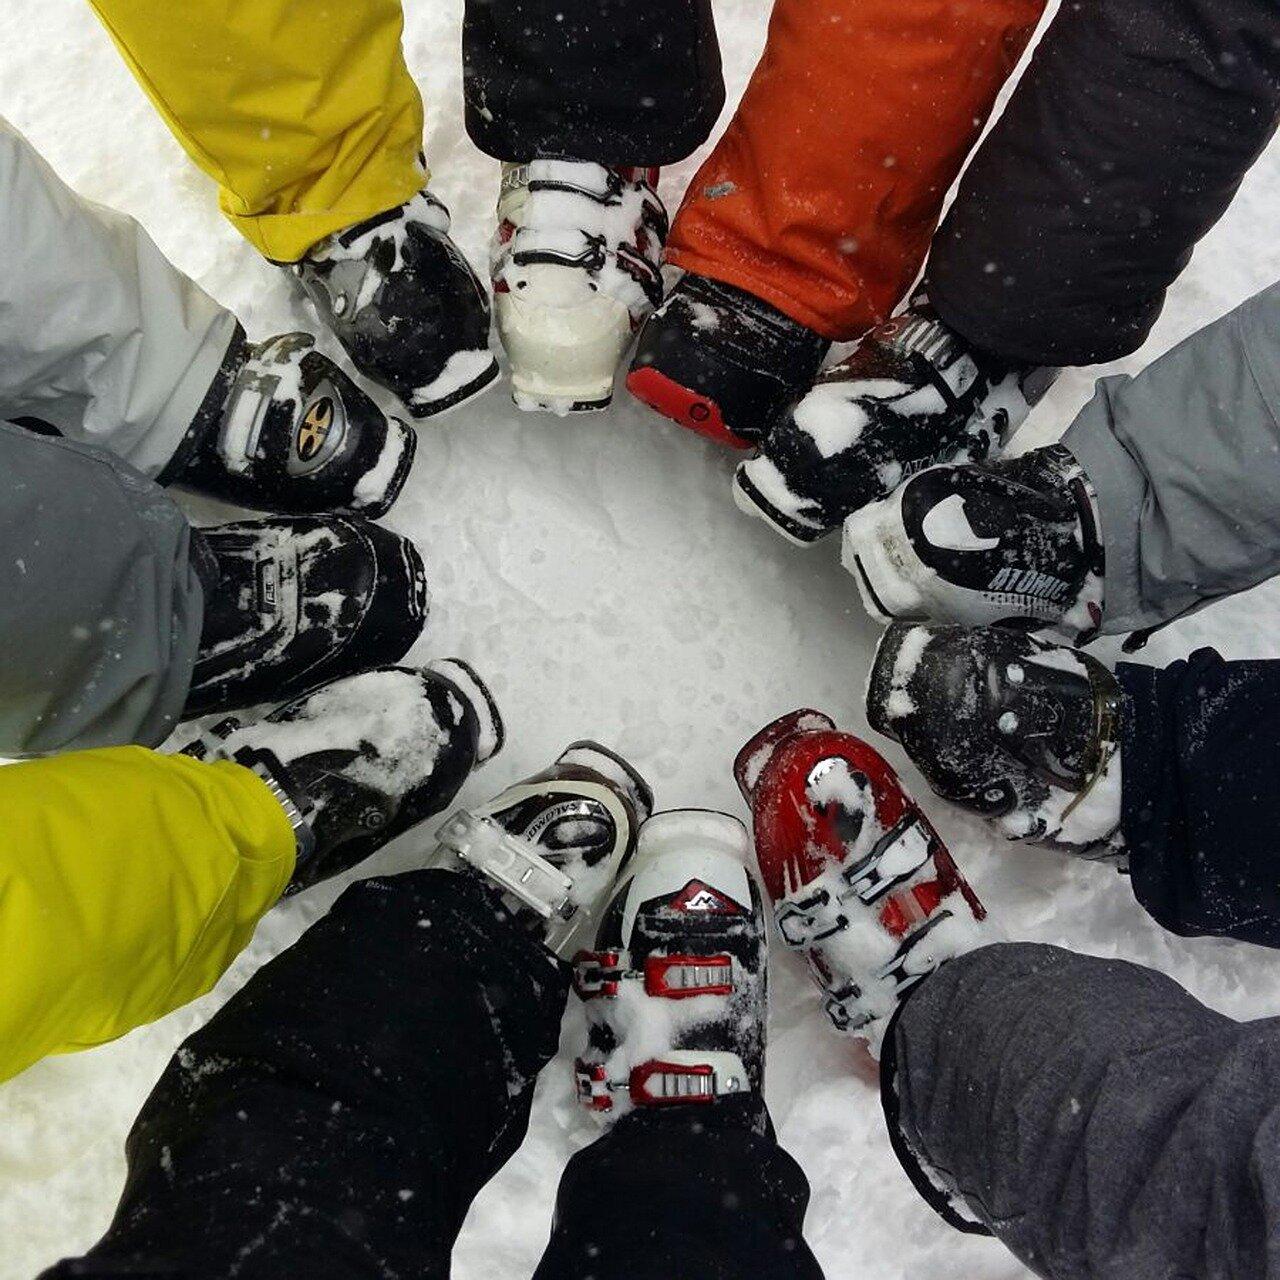 ski-2123339_1280.jpg